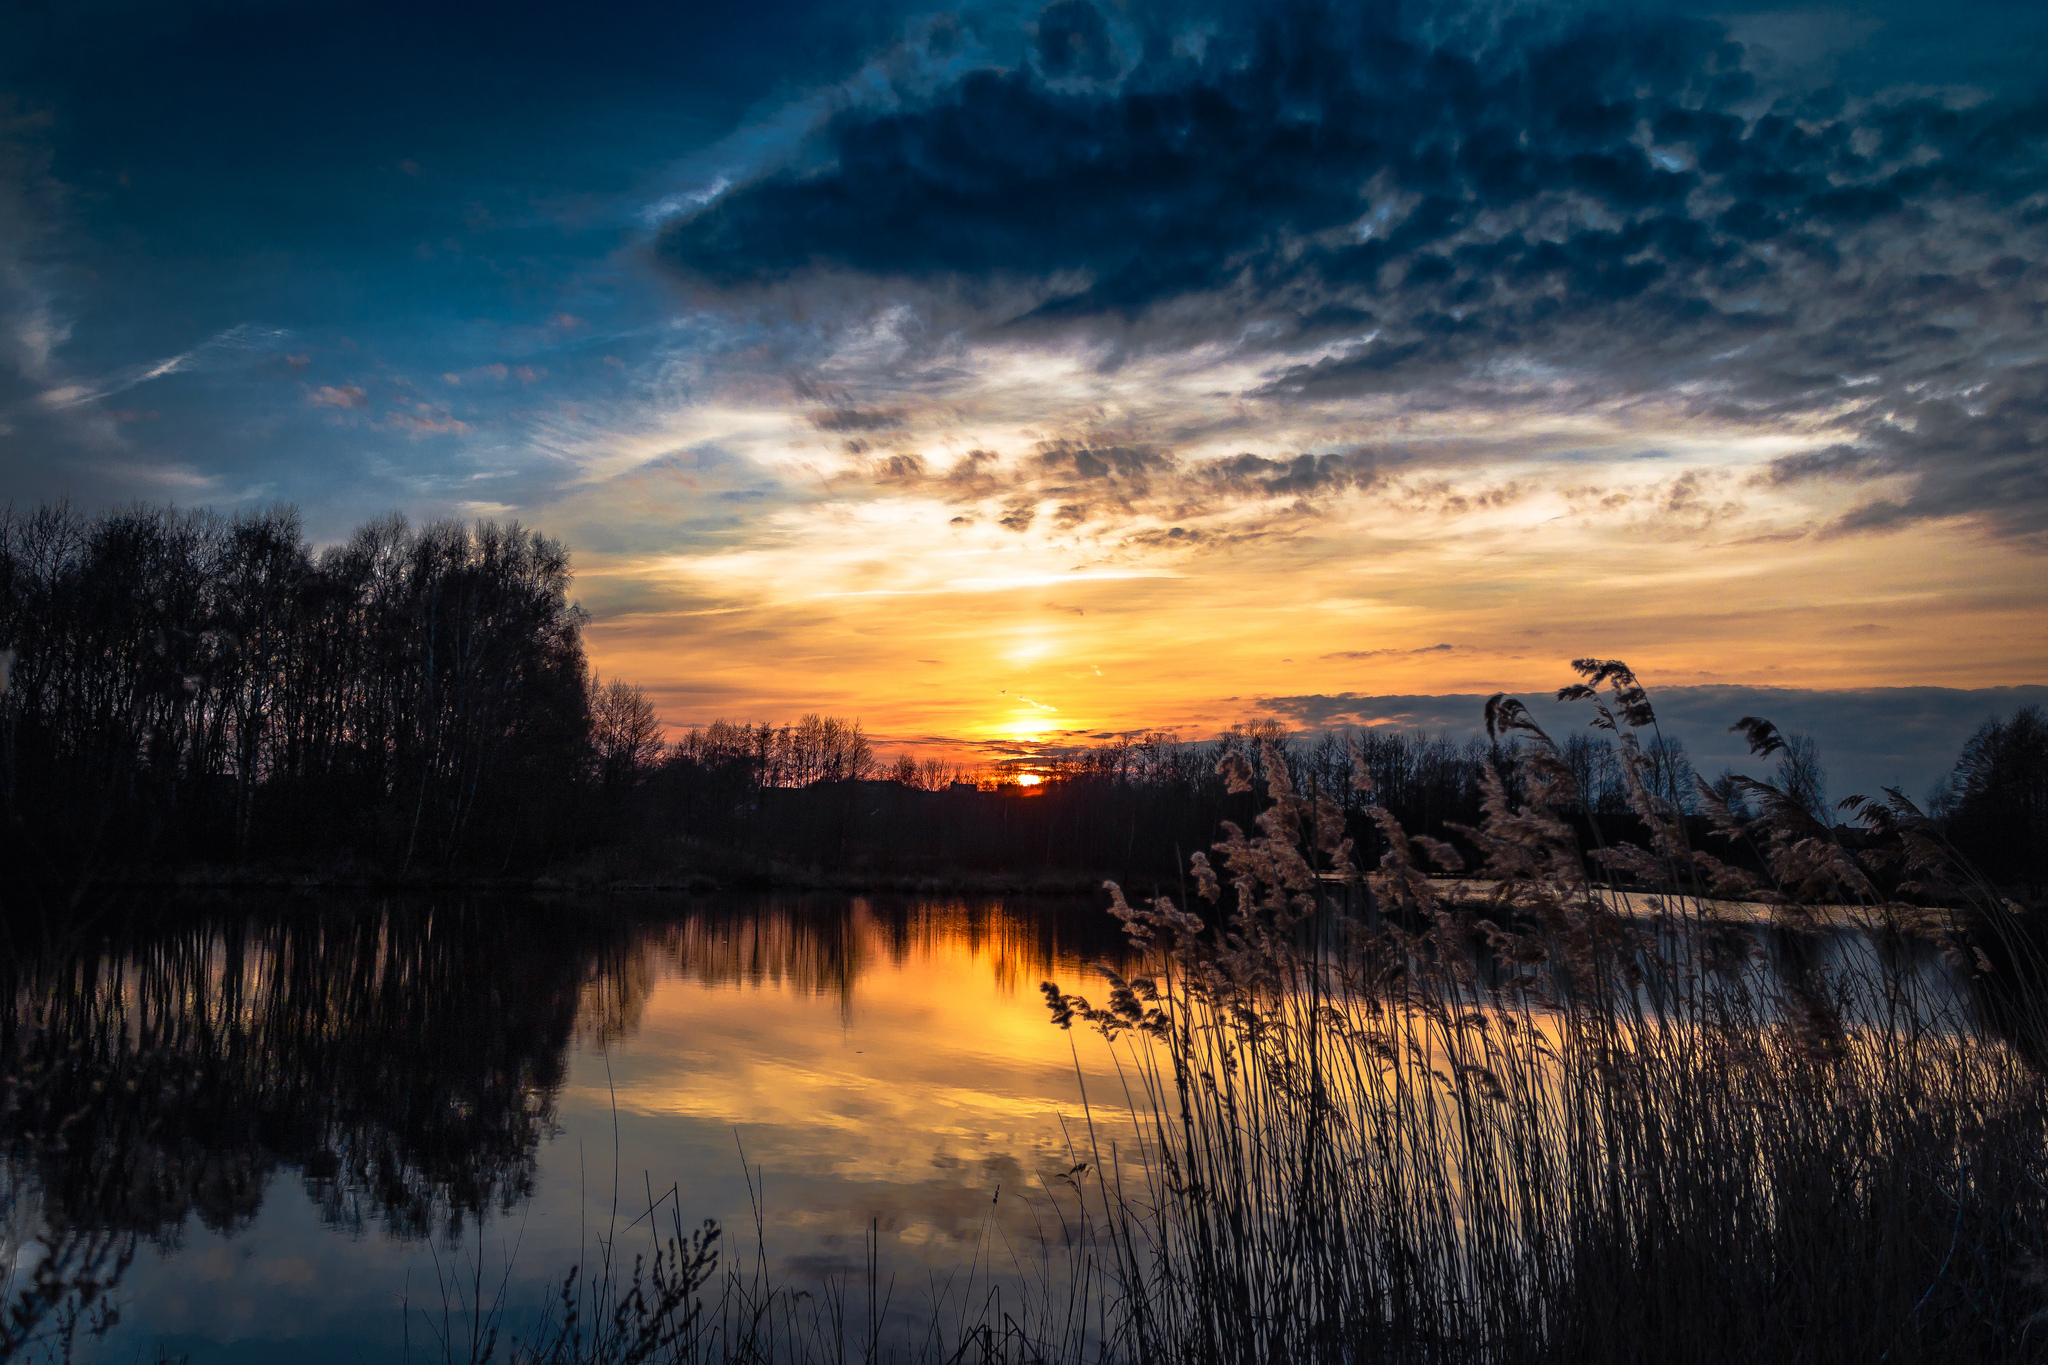 Темный закат над озером  № 3213457 загрузить